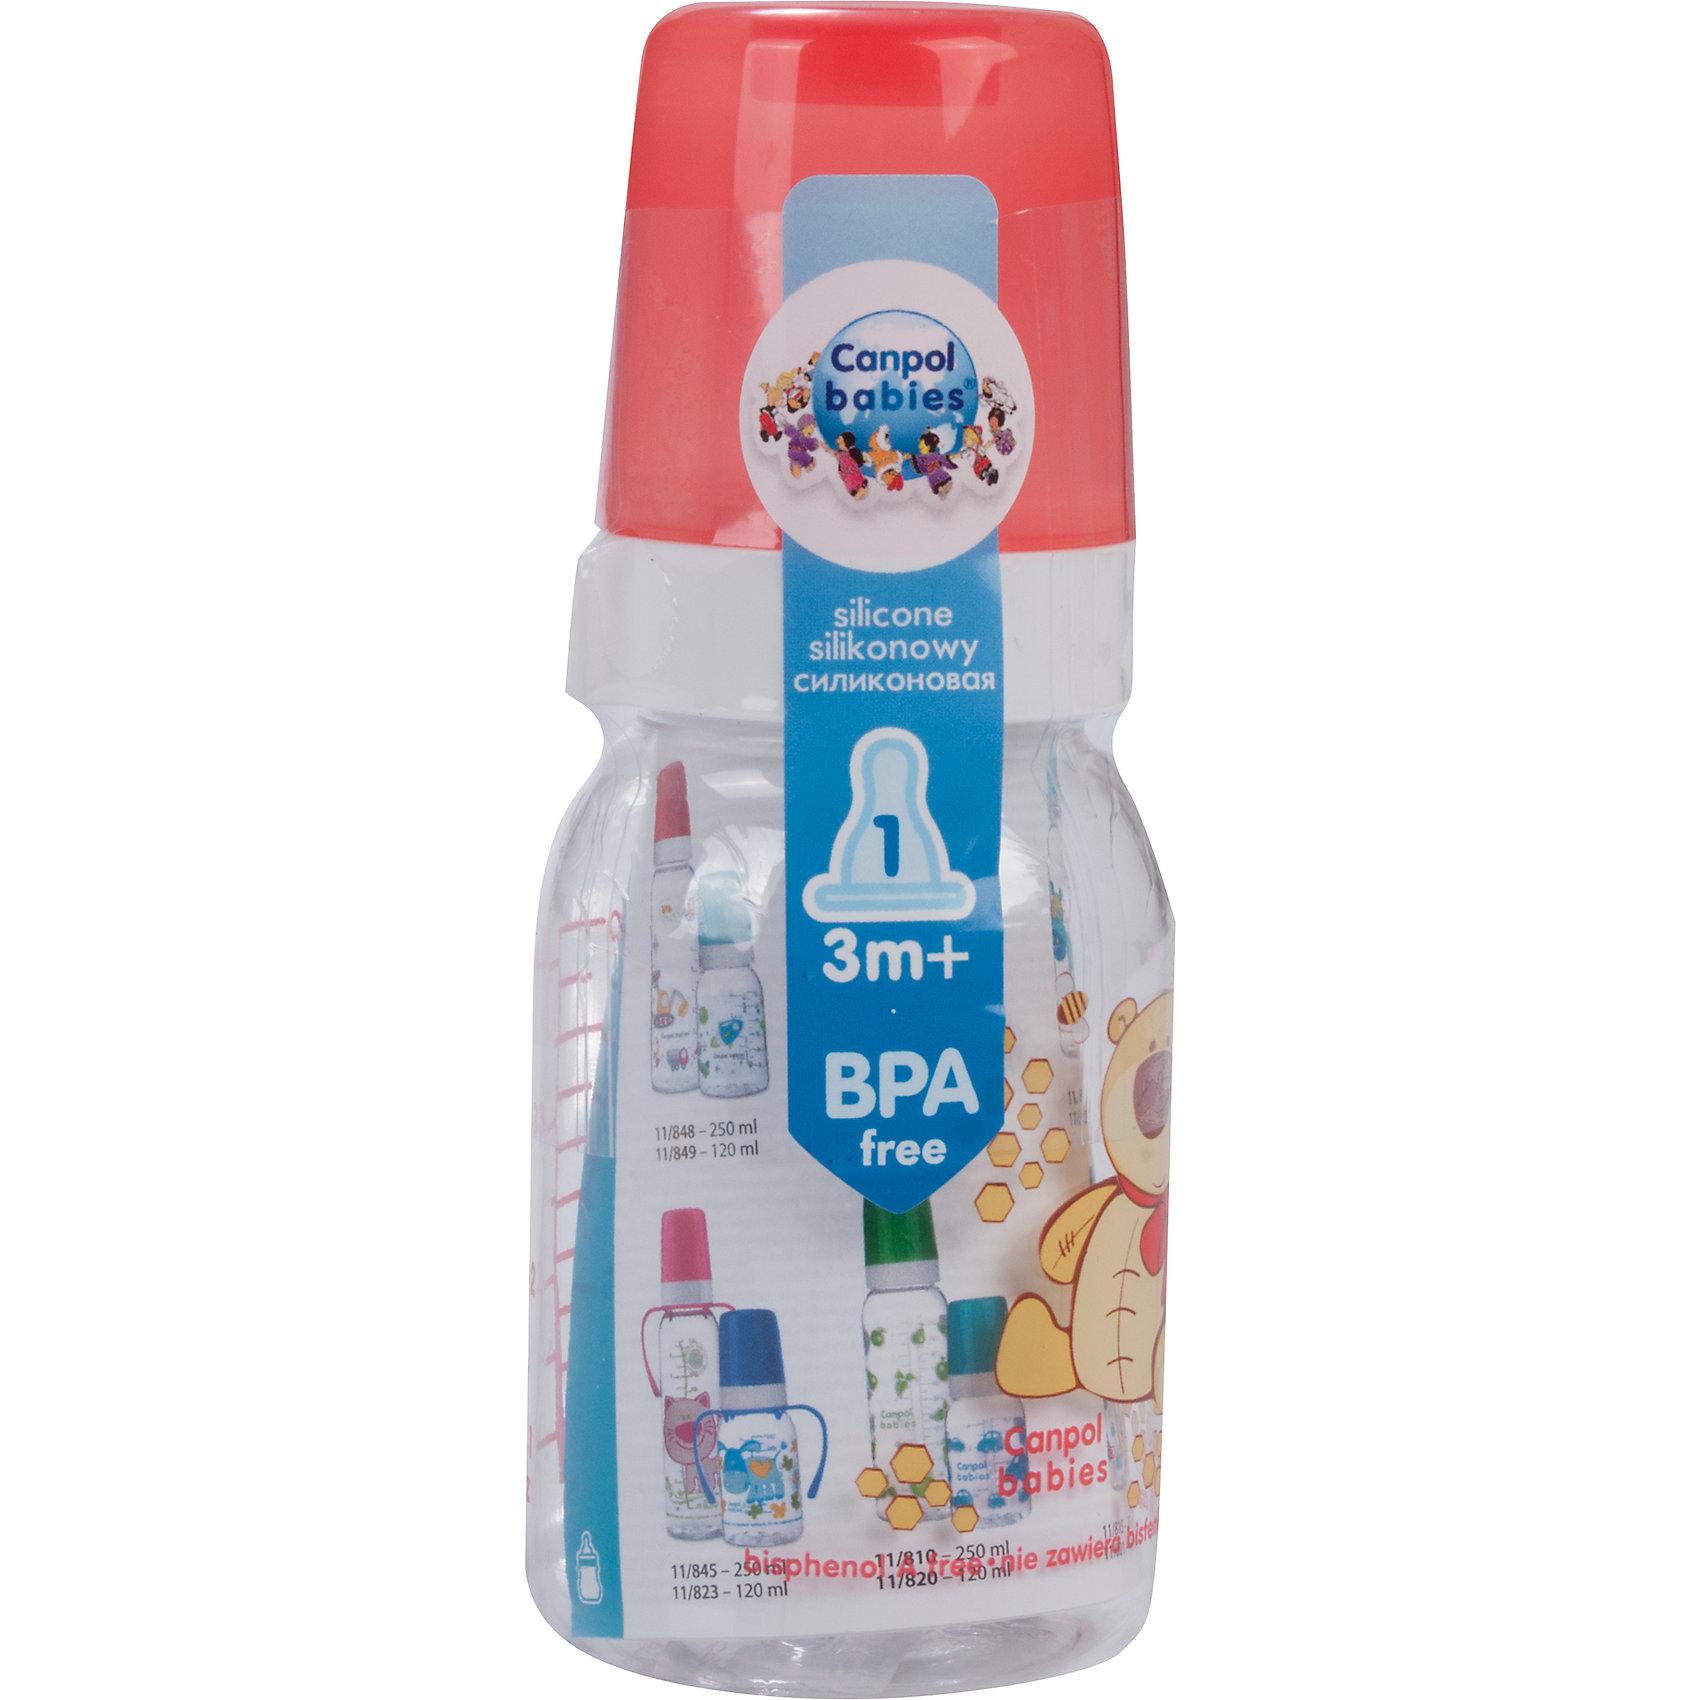 Бутылочка тритановая (BPA 0%) с сил. соской, 120 мл. 3+ Cheerful animals, Canpol Babies, мишкаБутылочка тритановая (BPA 0%) с сил. соской, 120 мл. 3+ Cheerful animals, Canpol Babies, (Канпол Бейбис), мишка.<br><br>Характеристики: <br><br>• Объем бутылочки: 120мл.<br>• Материал бутылочки: тритан - пластик нового поколения.<br>• Материал соски: силикон.<br>• Цвет : красный. <br>Бутылочка тритановая (BPA 0%) с сил. соской, 120 мл. 3+ Cheerful animals, Canpol Babies, (Канпол Бейбис) имеет классическую форму. Удобна в использовании дома и в дороге. Бутылочка выполнена из безопасного качественного материала - тритана, который хорошо держит тепло, снабжена силиконовой соской (медленный поток) и защитным колпачком, имеет удобную мерную шкалу.  Такую бутылочку и все части можно кипятить в воде или стерилизовать с помощью специального прибора. Не впитывает запахи. Бутылочка выполнена в красном цвете, украшена  забавным принтом – мишка.<br>Бутылочка тритановая (BPA 0%) с сил. соской, 120 мл. 3+ Cheerful animals, Canpol Babies, (Канпол Бейбис), мишка можно купить в нашем интернет- магазине.<br><br>Ширина мм: 65<br>Глубина мм: 54<br>Высота мм: 175<br>Вес г: 520<br>Возраст от месяцев: 3<br>Возраст до месяцев: 18<br>Пол: Унисекс<br>Возраст: Детский<br>SKU: 5156804